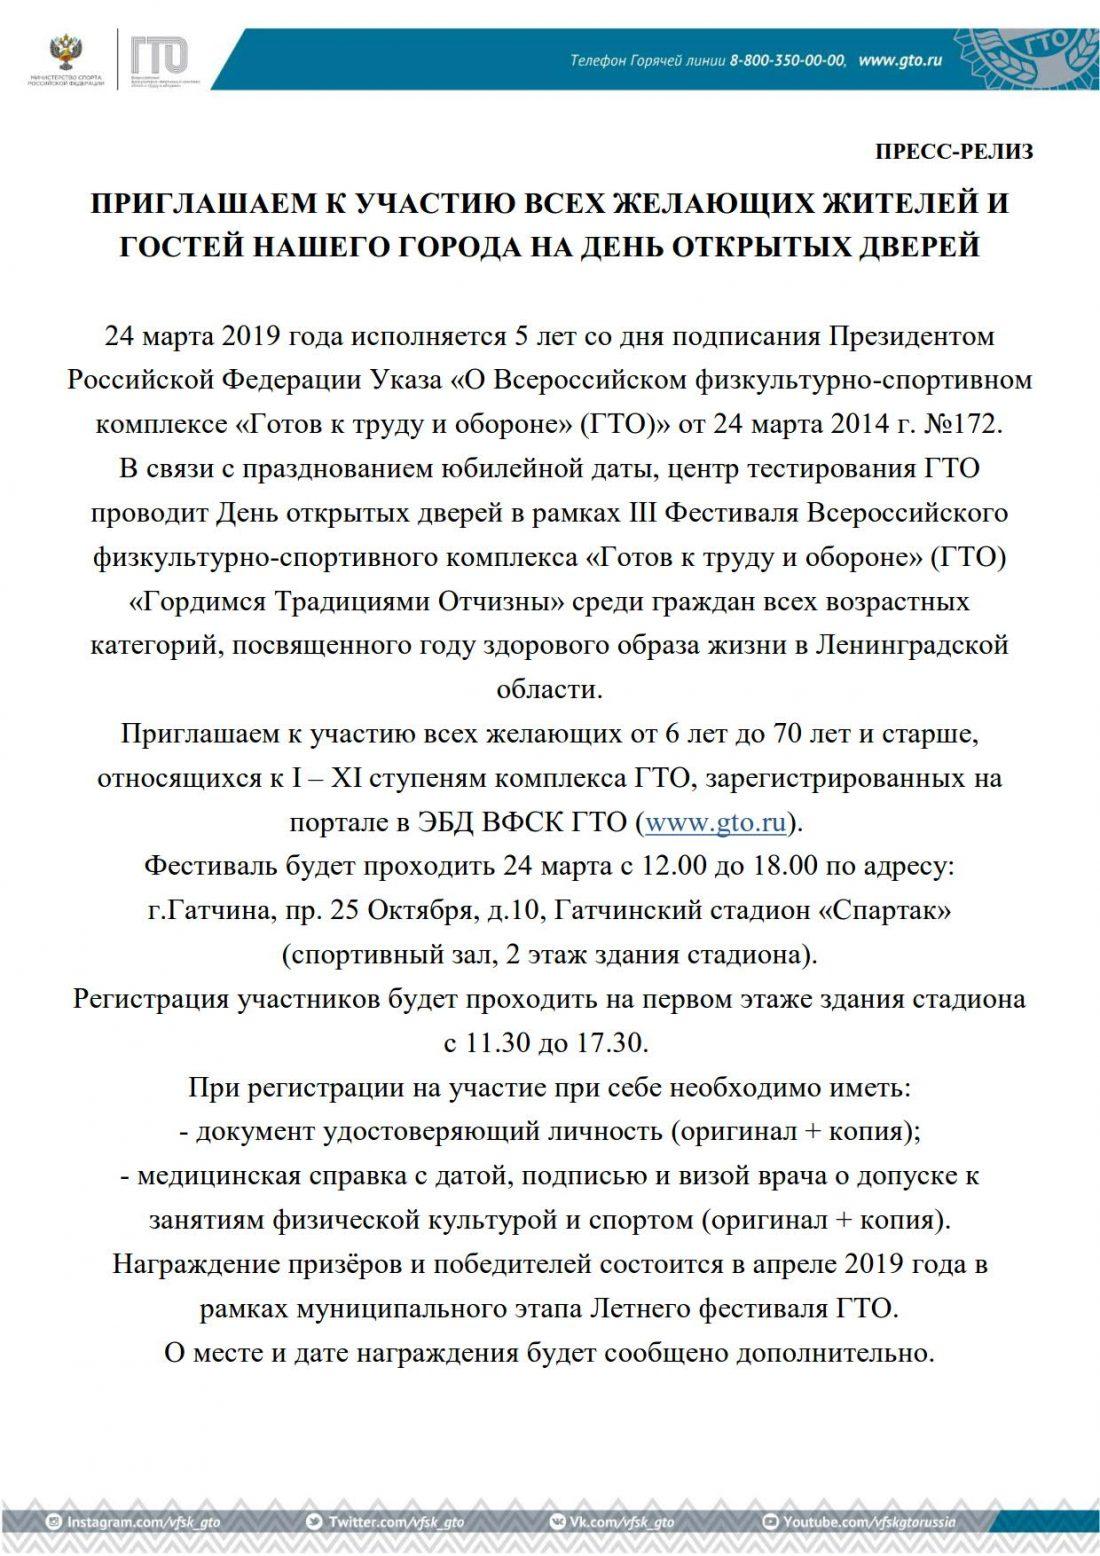 пресс-релиз день открытых дверей_1